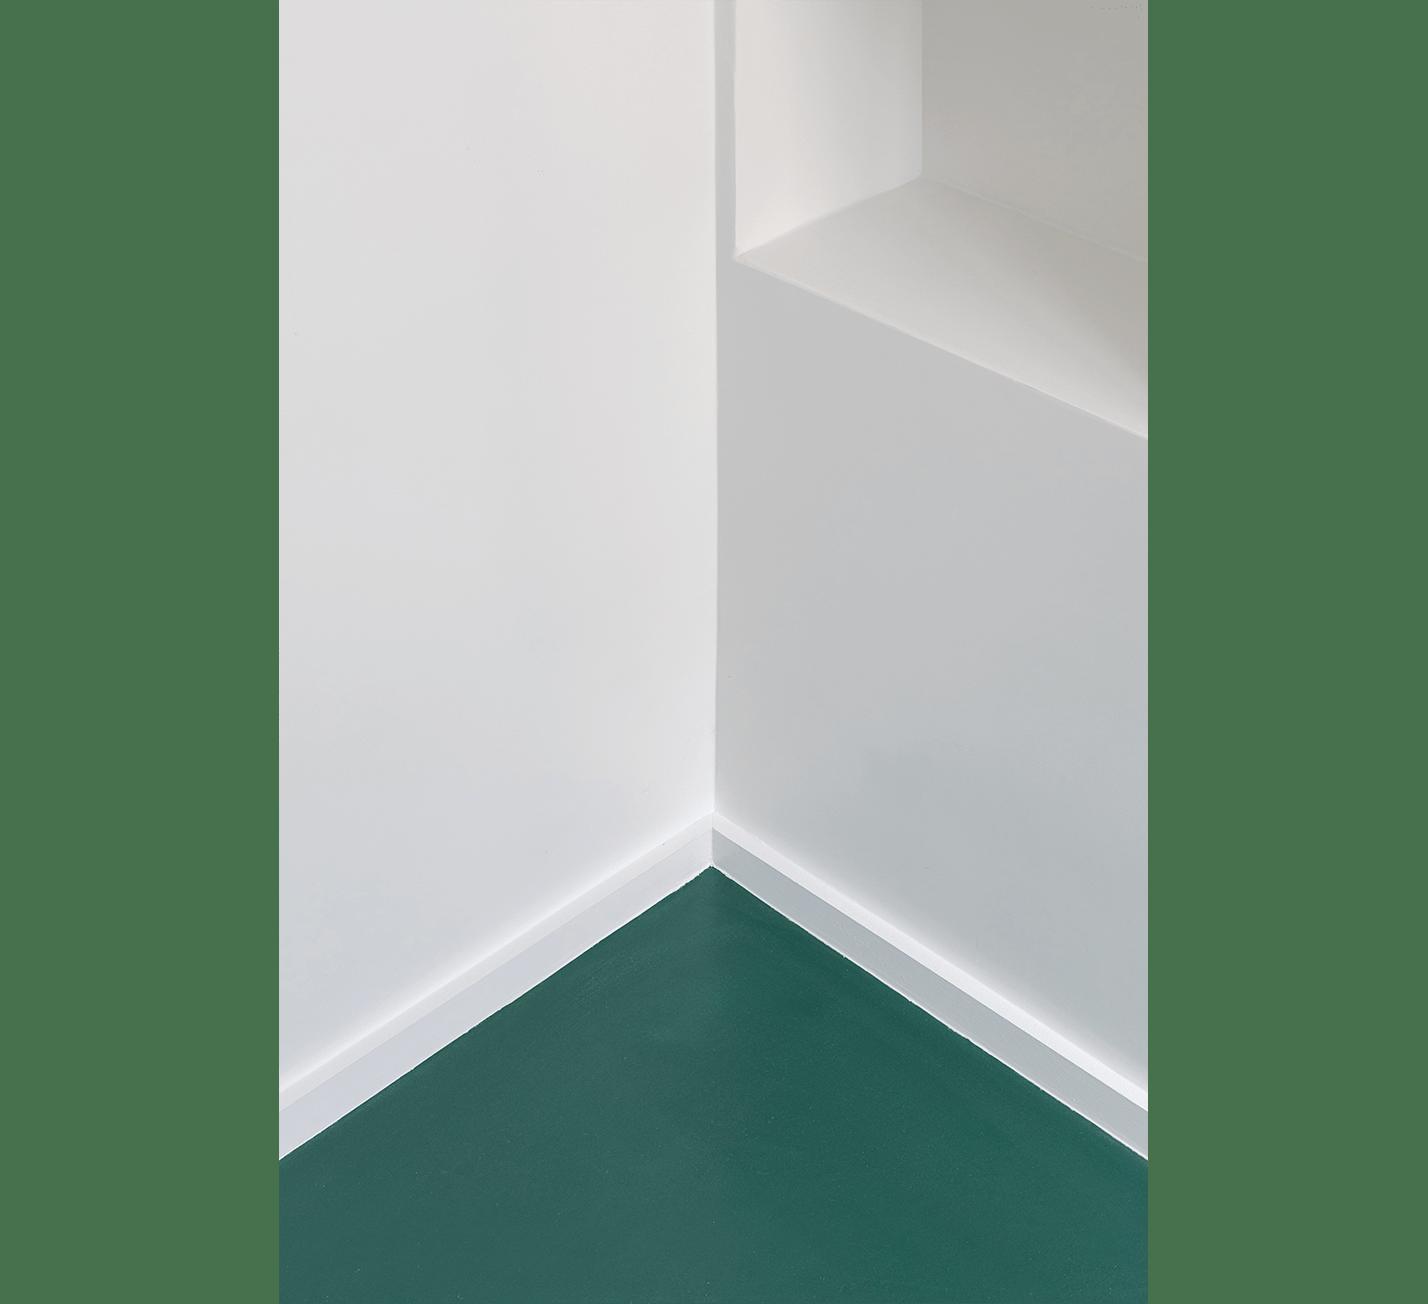 Projet-Georges-Atelier-Steve-Pauline-Borgia-Architecte-interieur-09-min